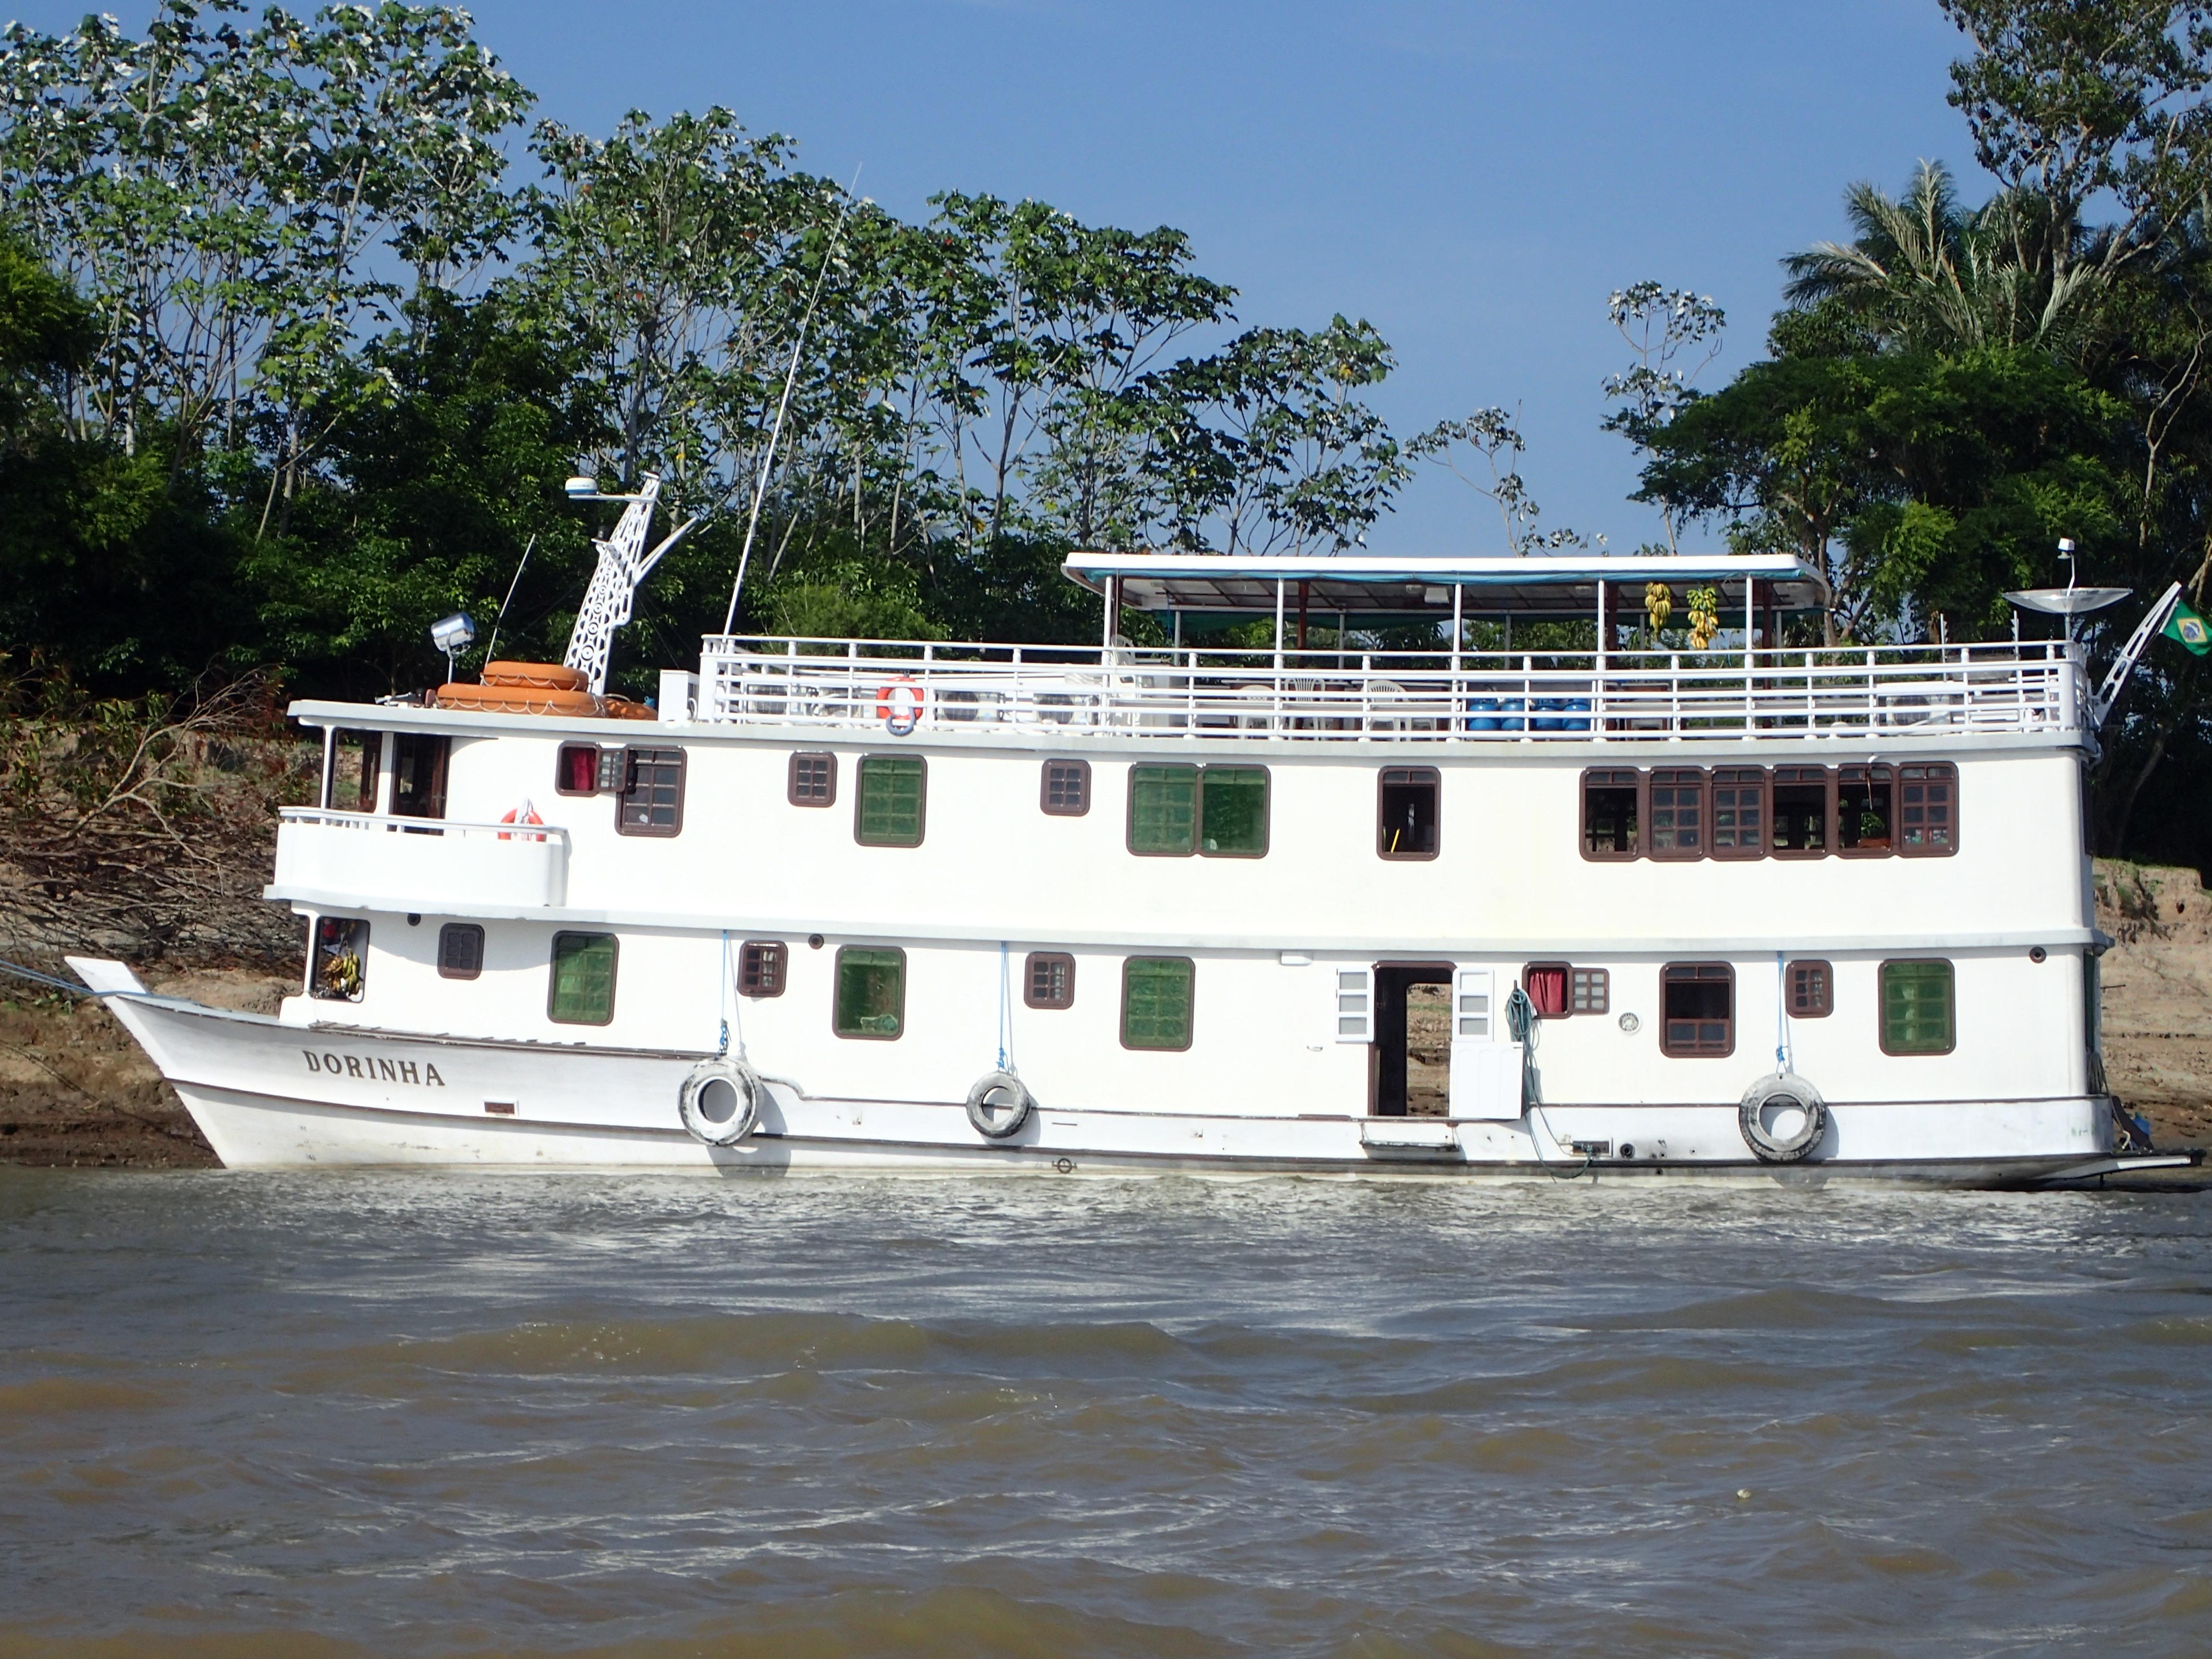 Reportage über eine Flusskreuzfahrt auf dem Amzonas und dem Rio Negro mit der MS Dorinha, Vollcharter des Spezialveranstalters Polaris Tours